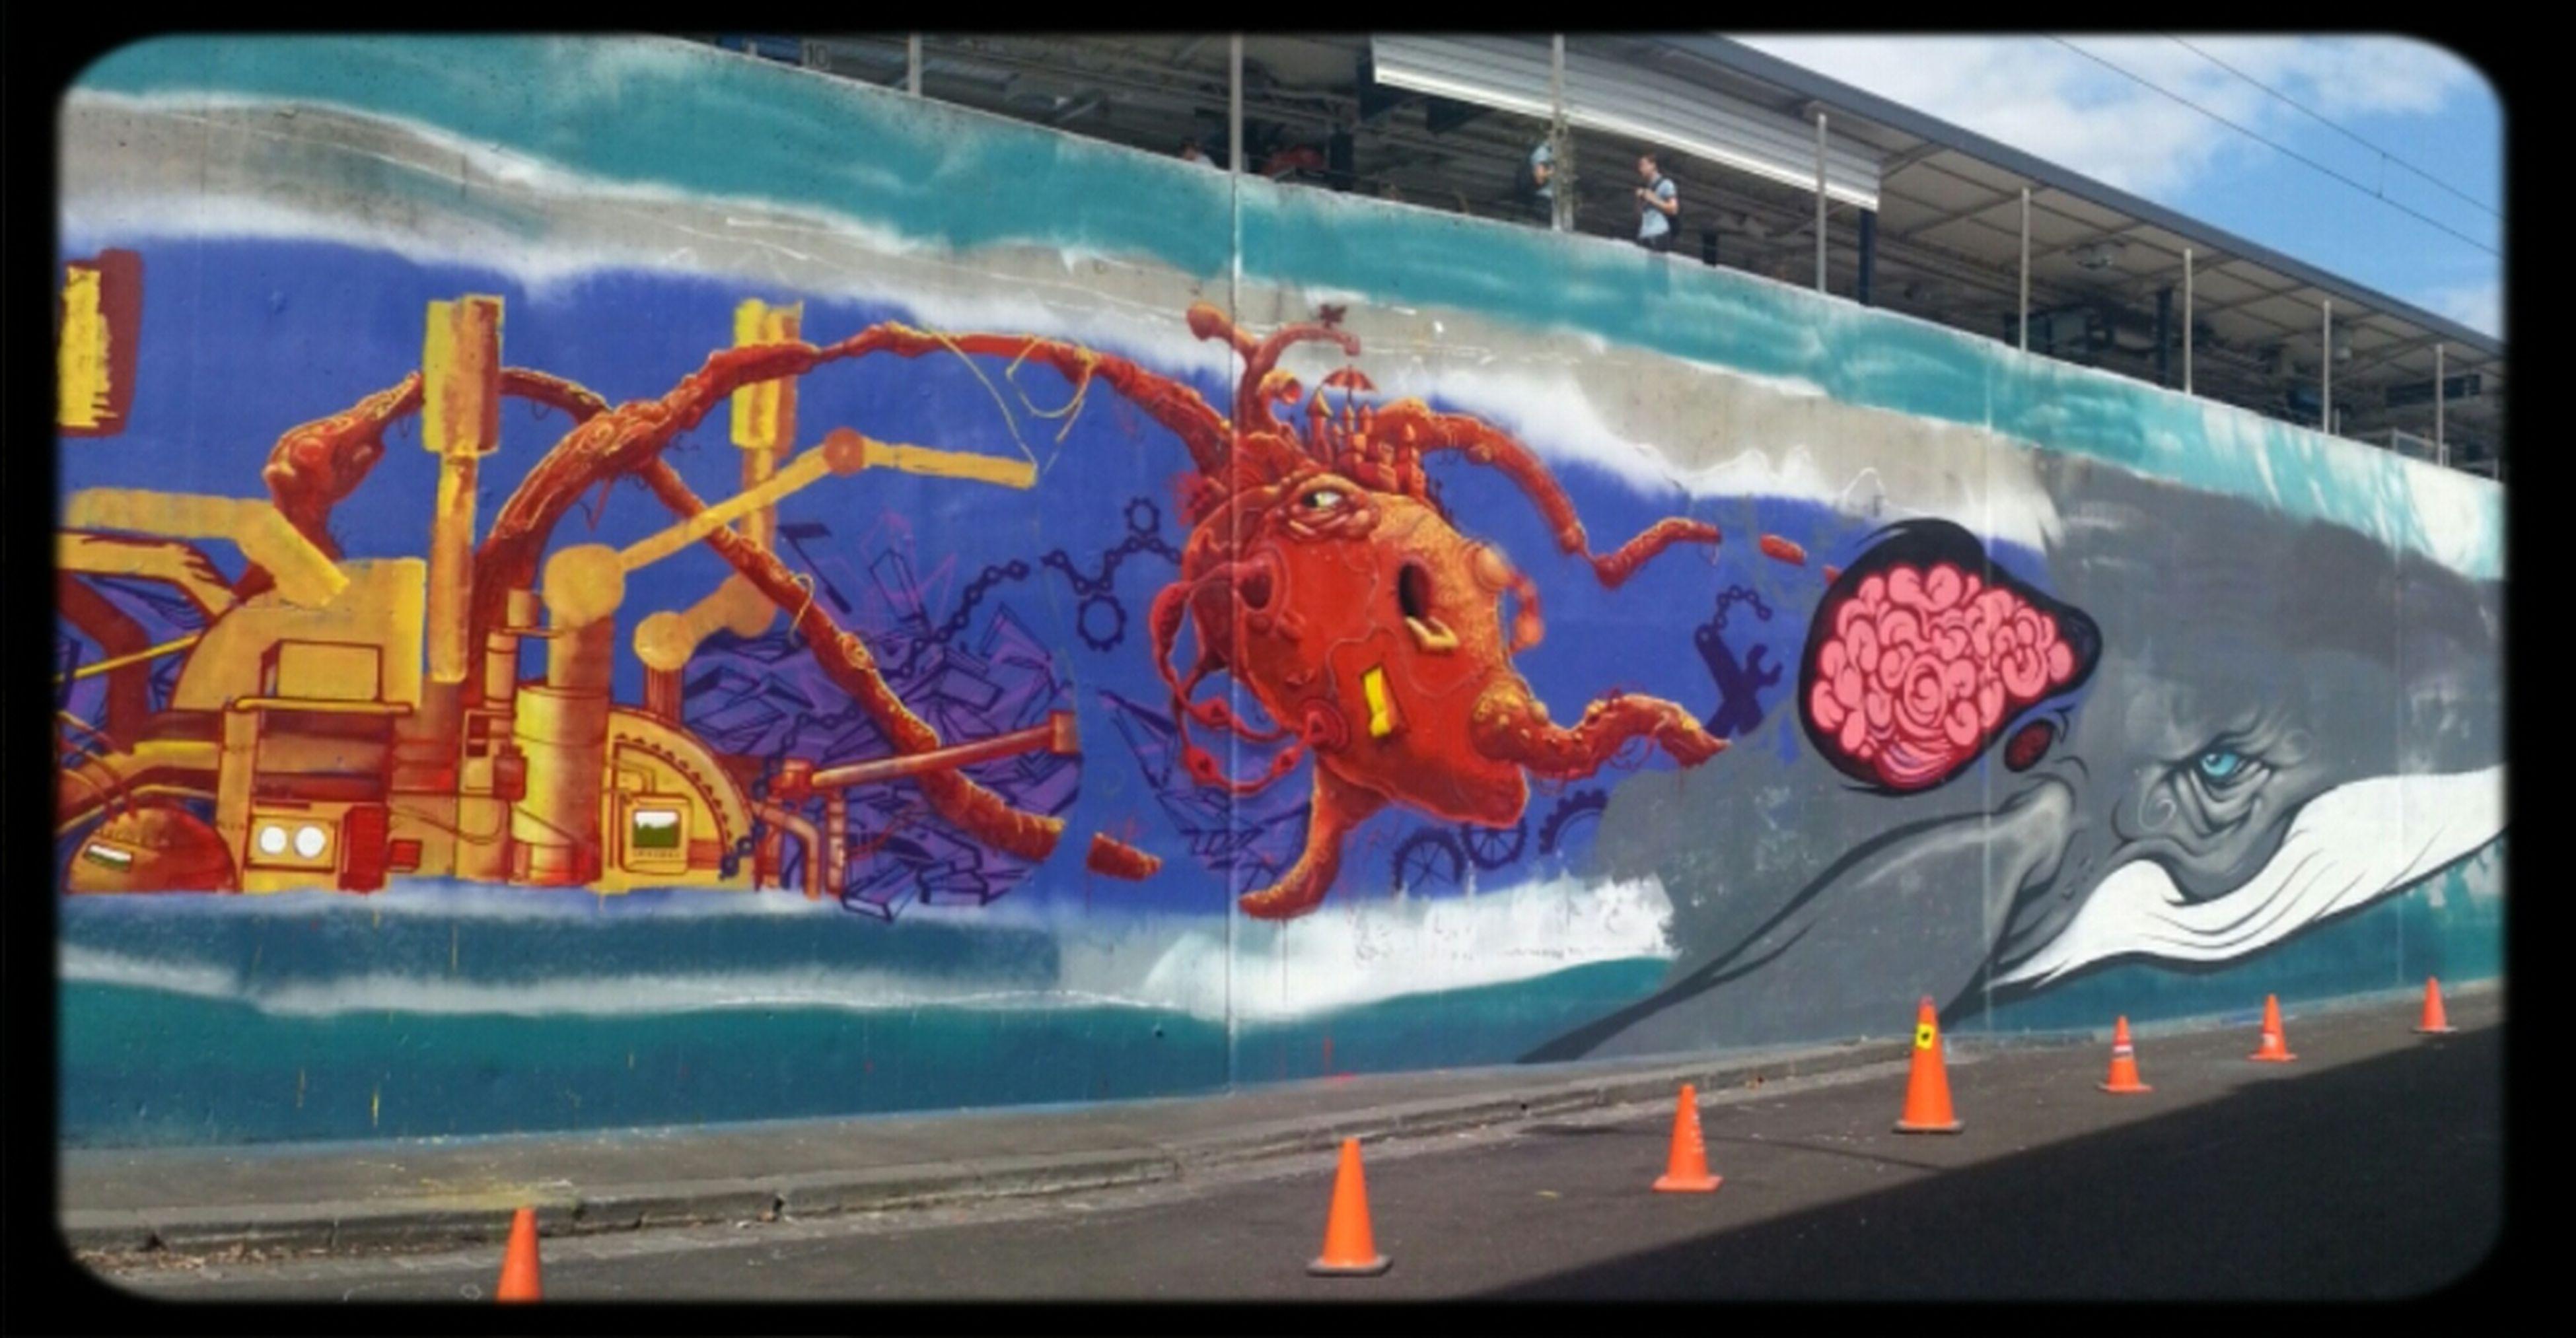 Streetart Whale Dem189 Makatron Work-in-progress